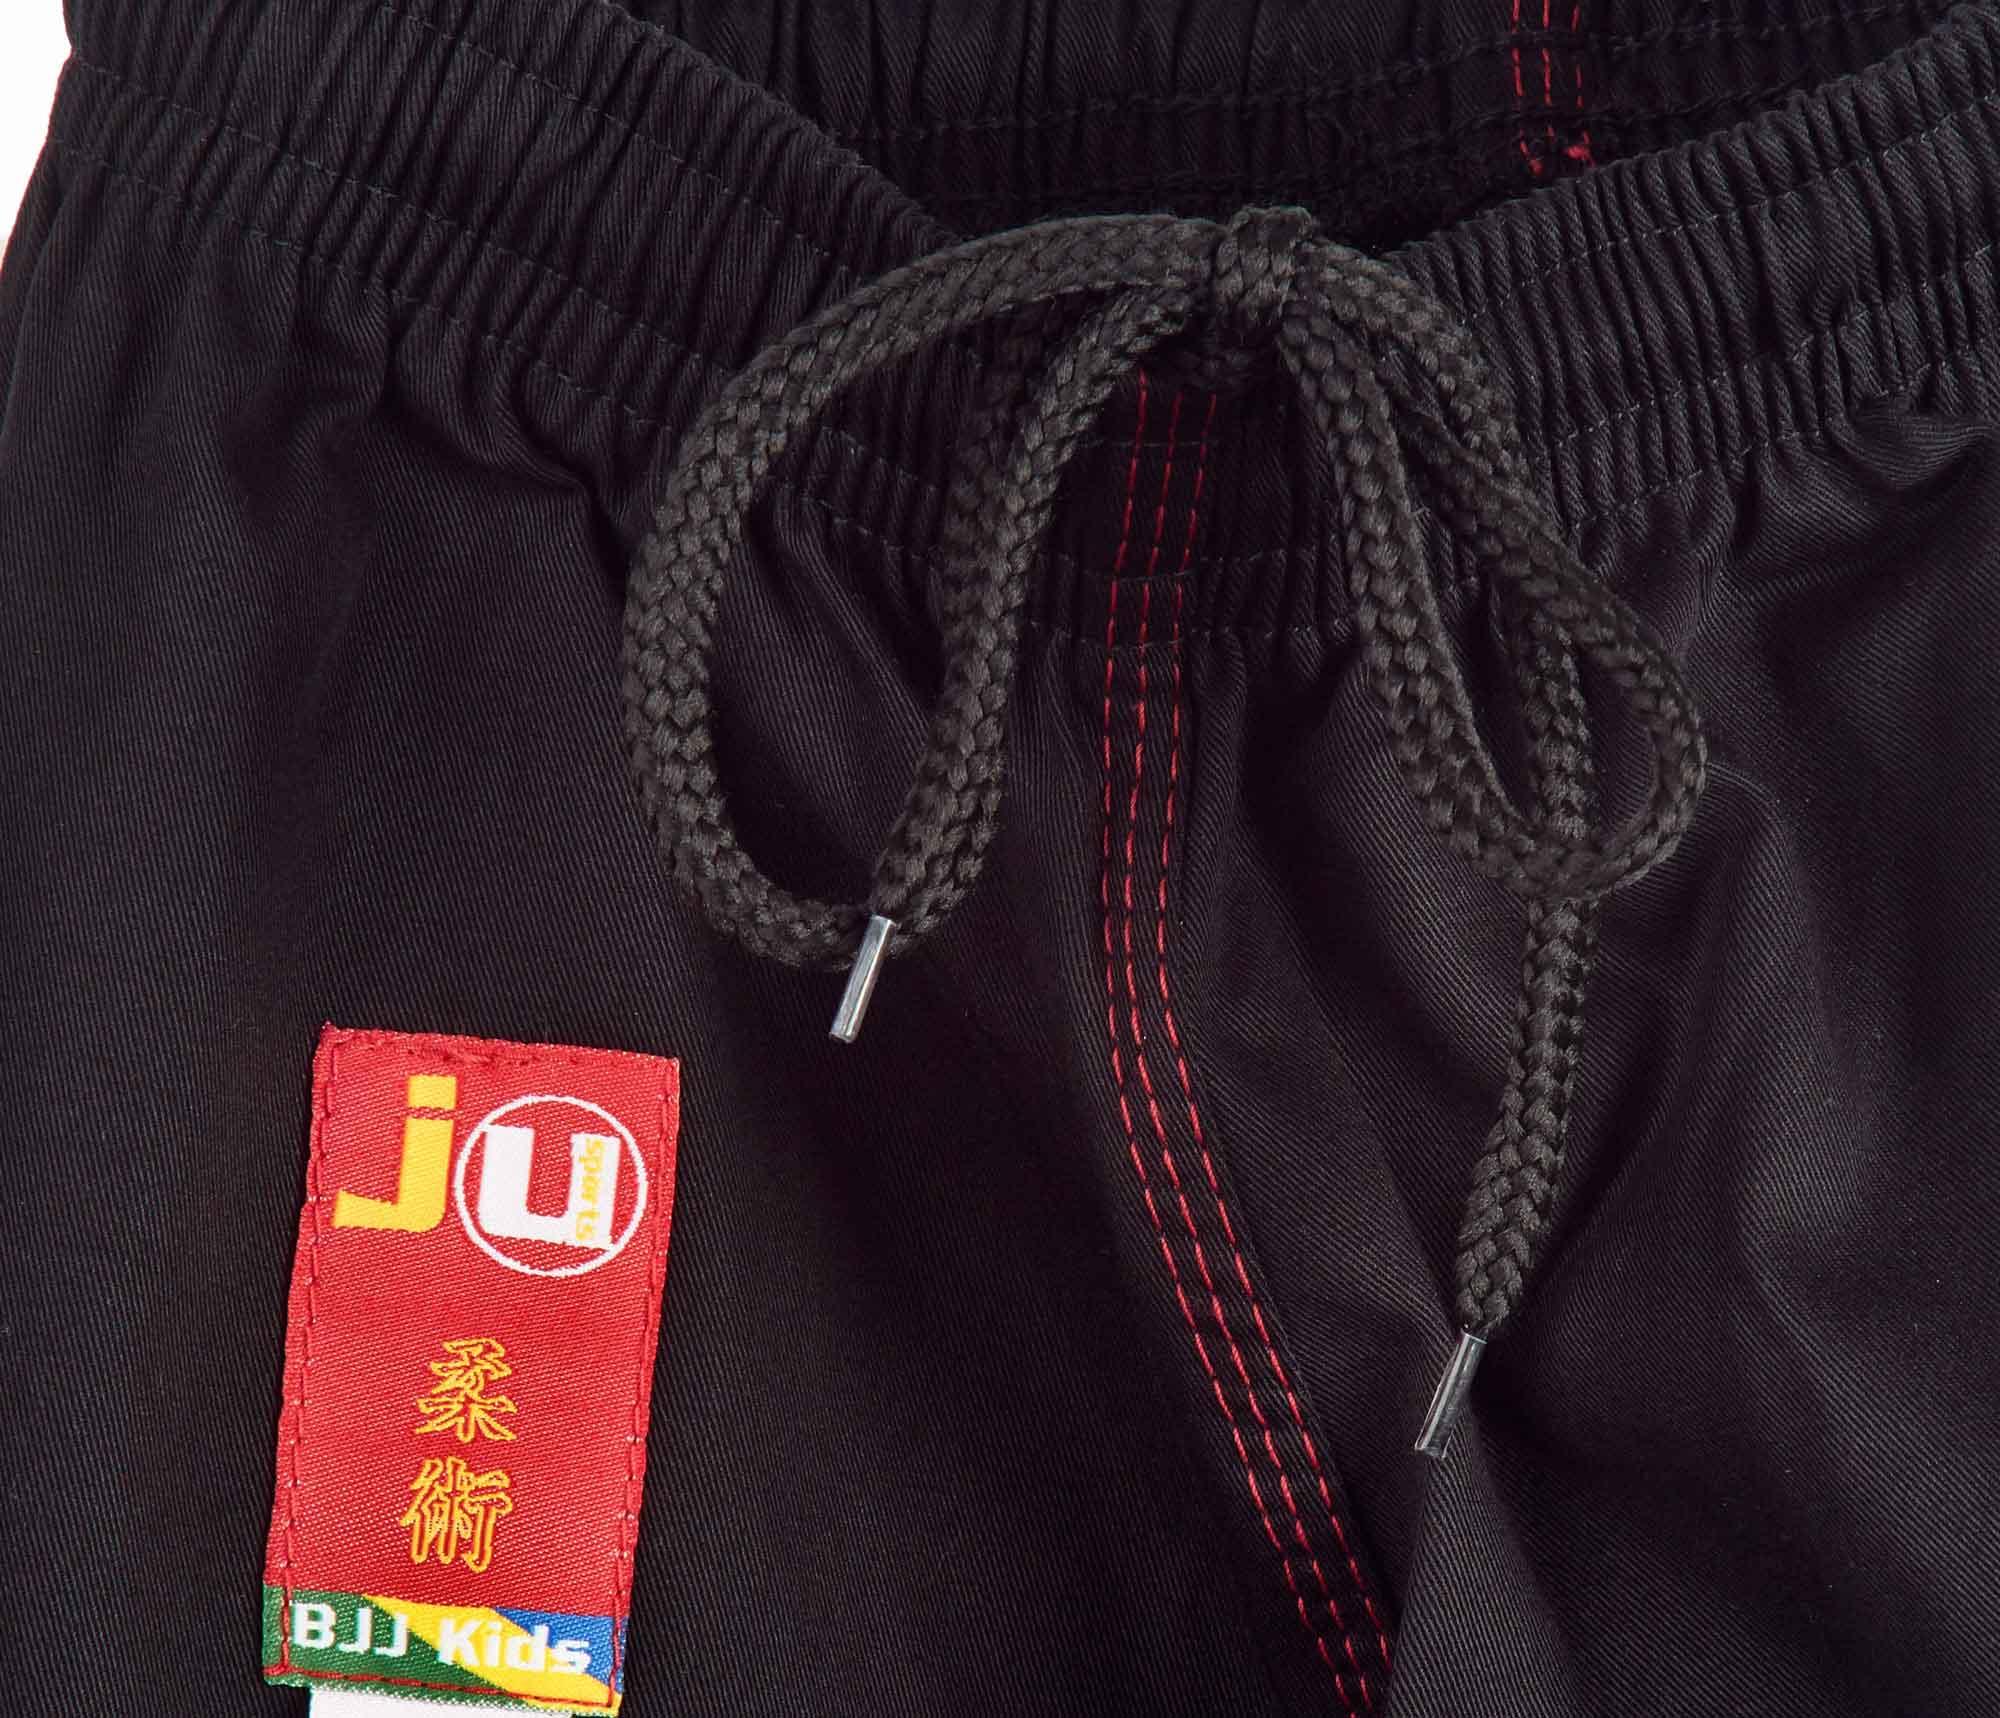 9248000-BJJ-Gi-Kids-schwarz-d5